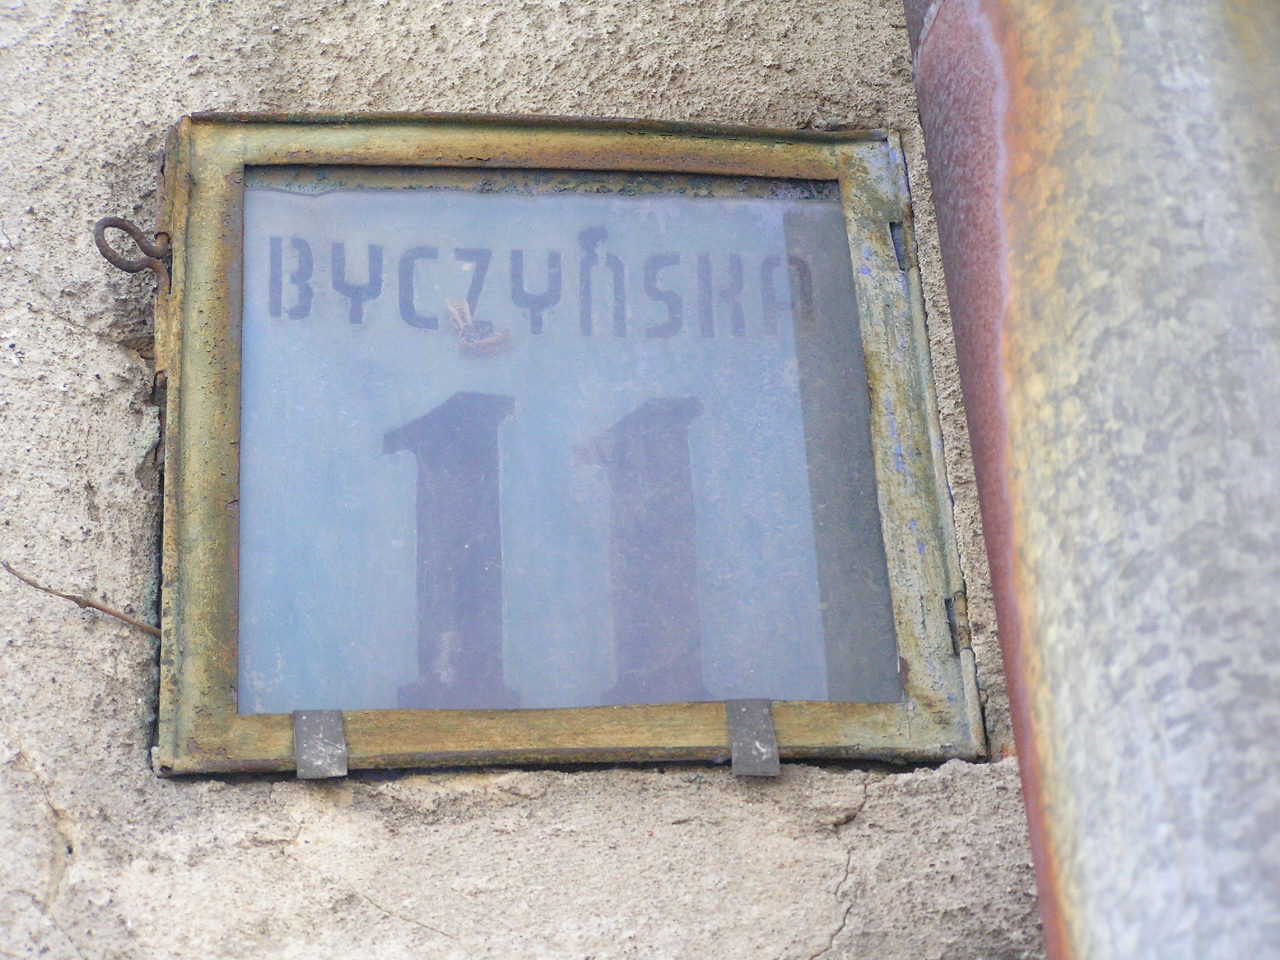 Latarenka adresowa - Byczyńska 11